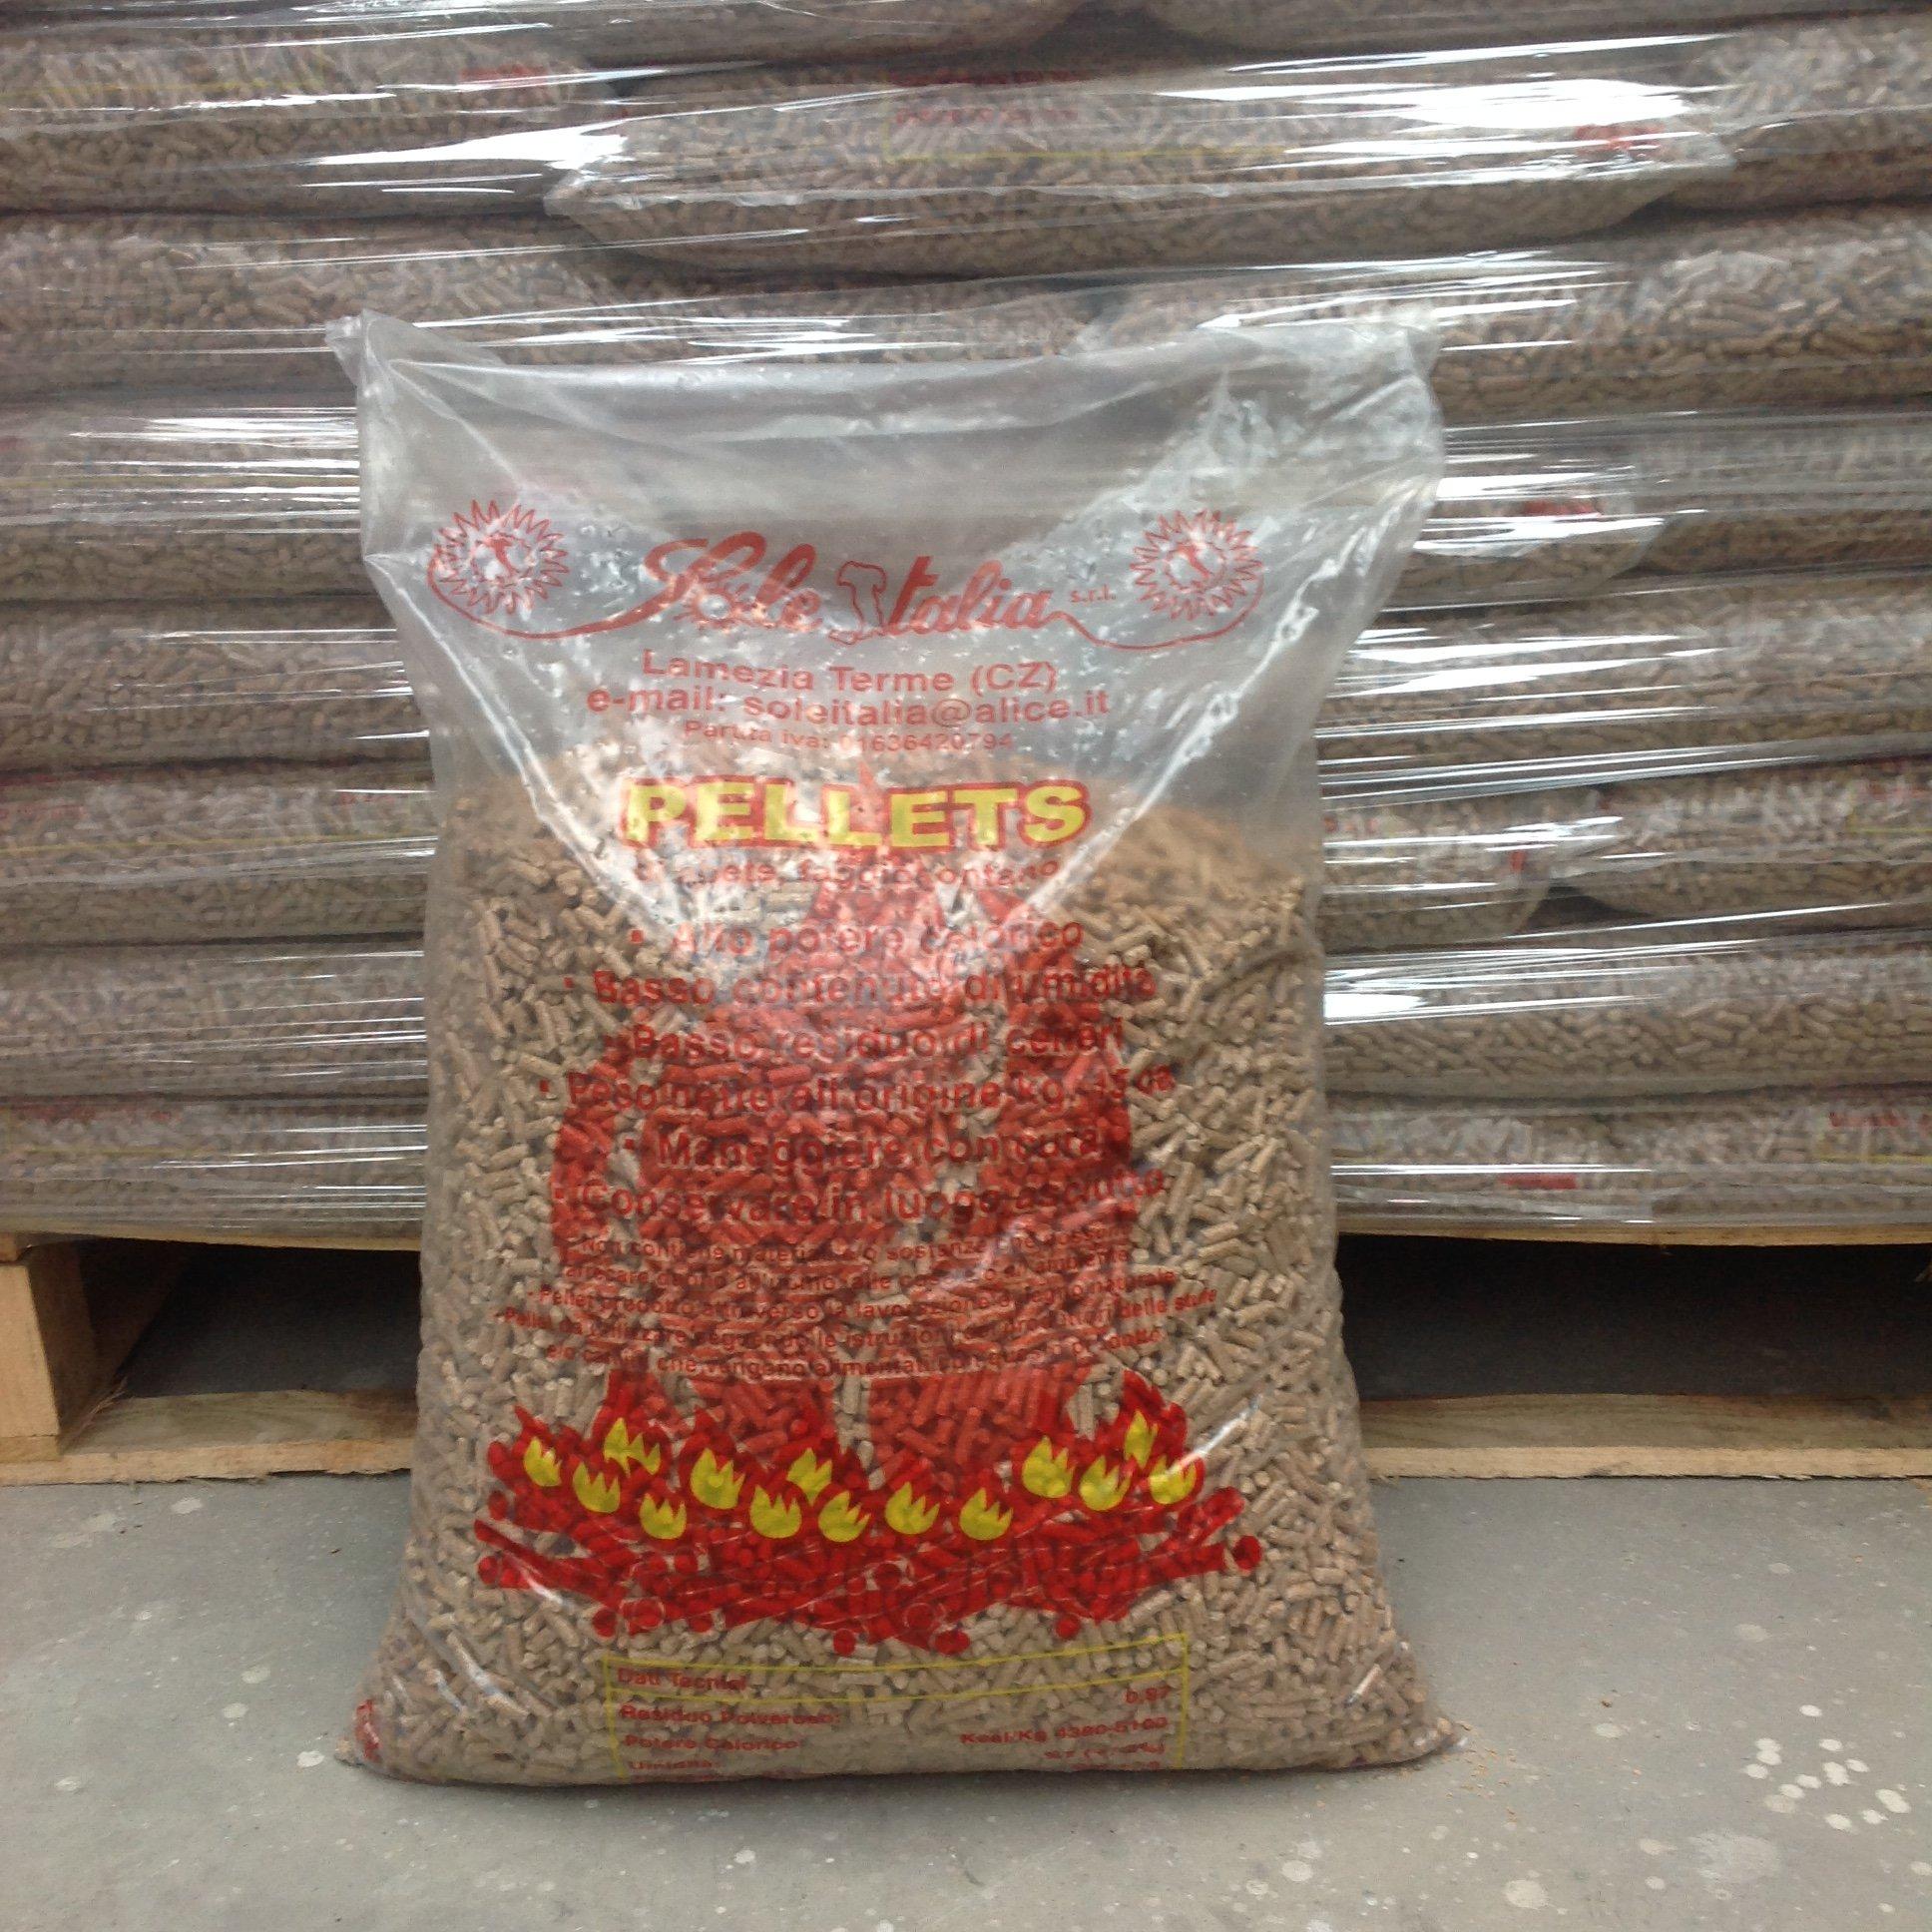 sacco di pellet con scritta rossa